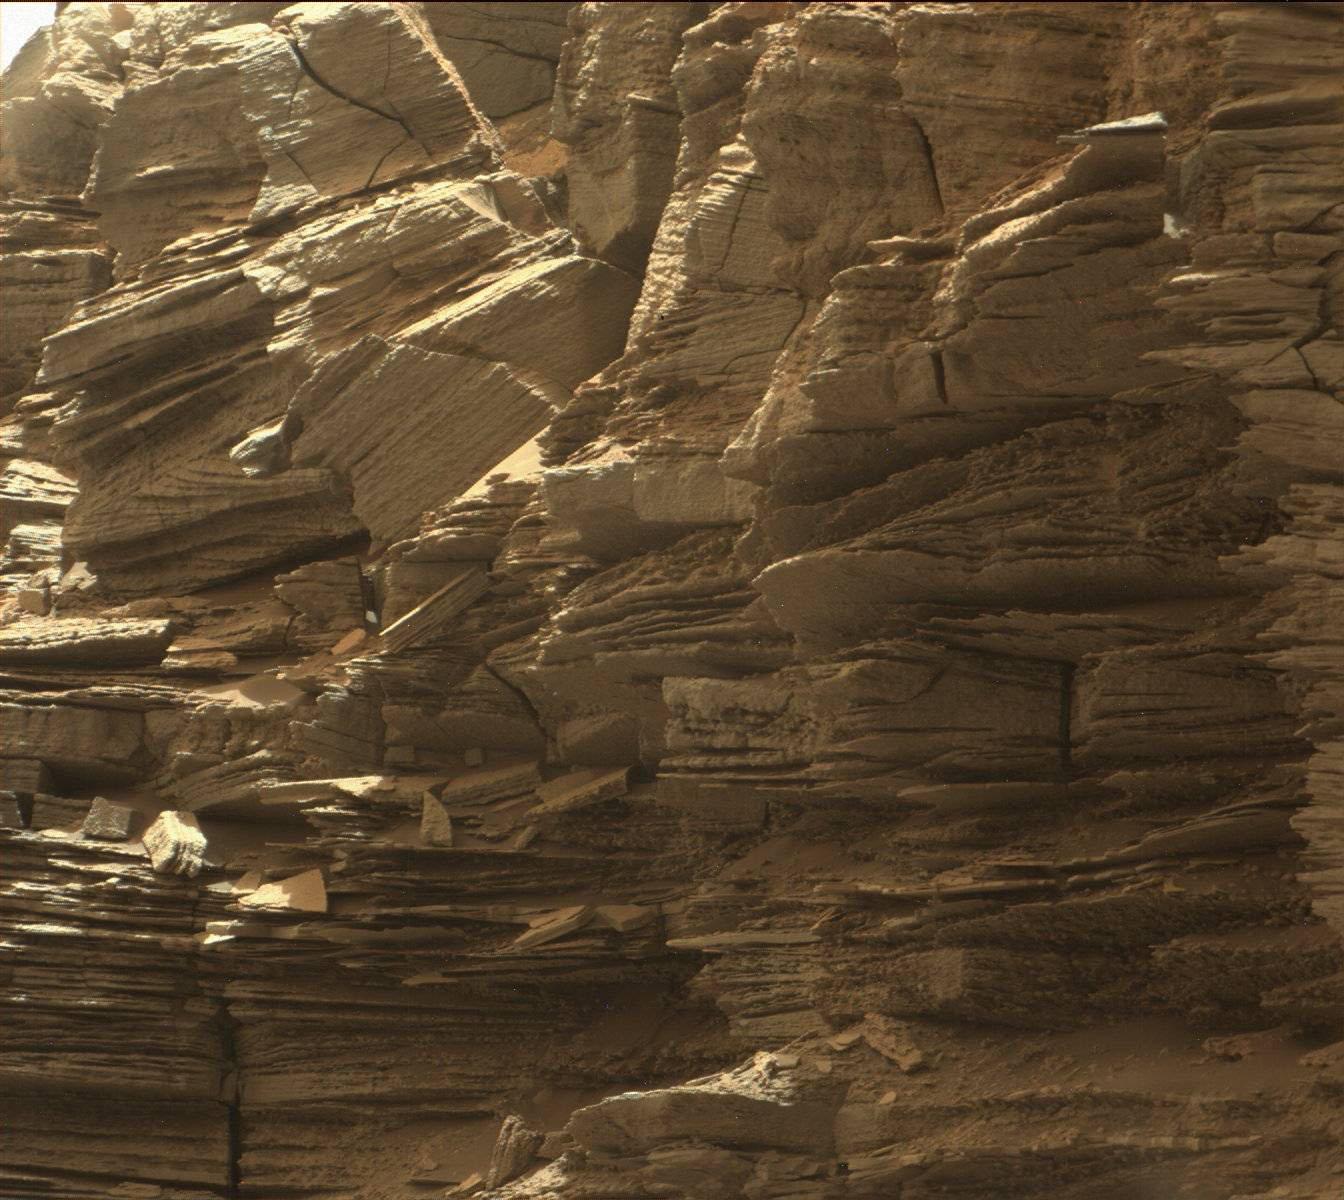 Nell'immagine, raccolta dalla Mast Camera di Curiosity, sono immortalate le rocce stratificate visibili nella regione Murray Buttes, alla base del Monte Sharp. Crediti: NASA/JPL-Caltech/MSSS